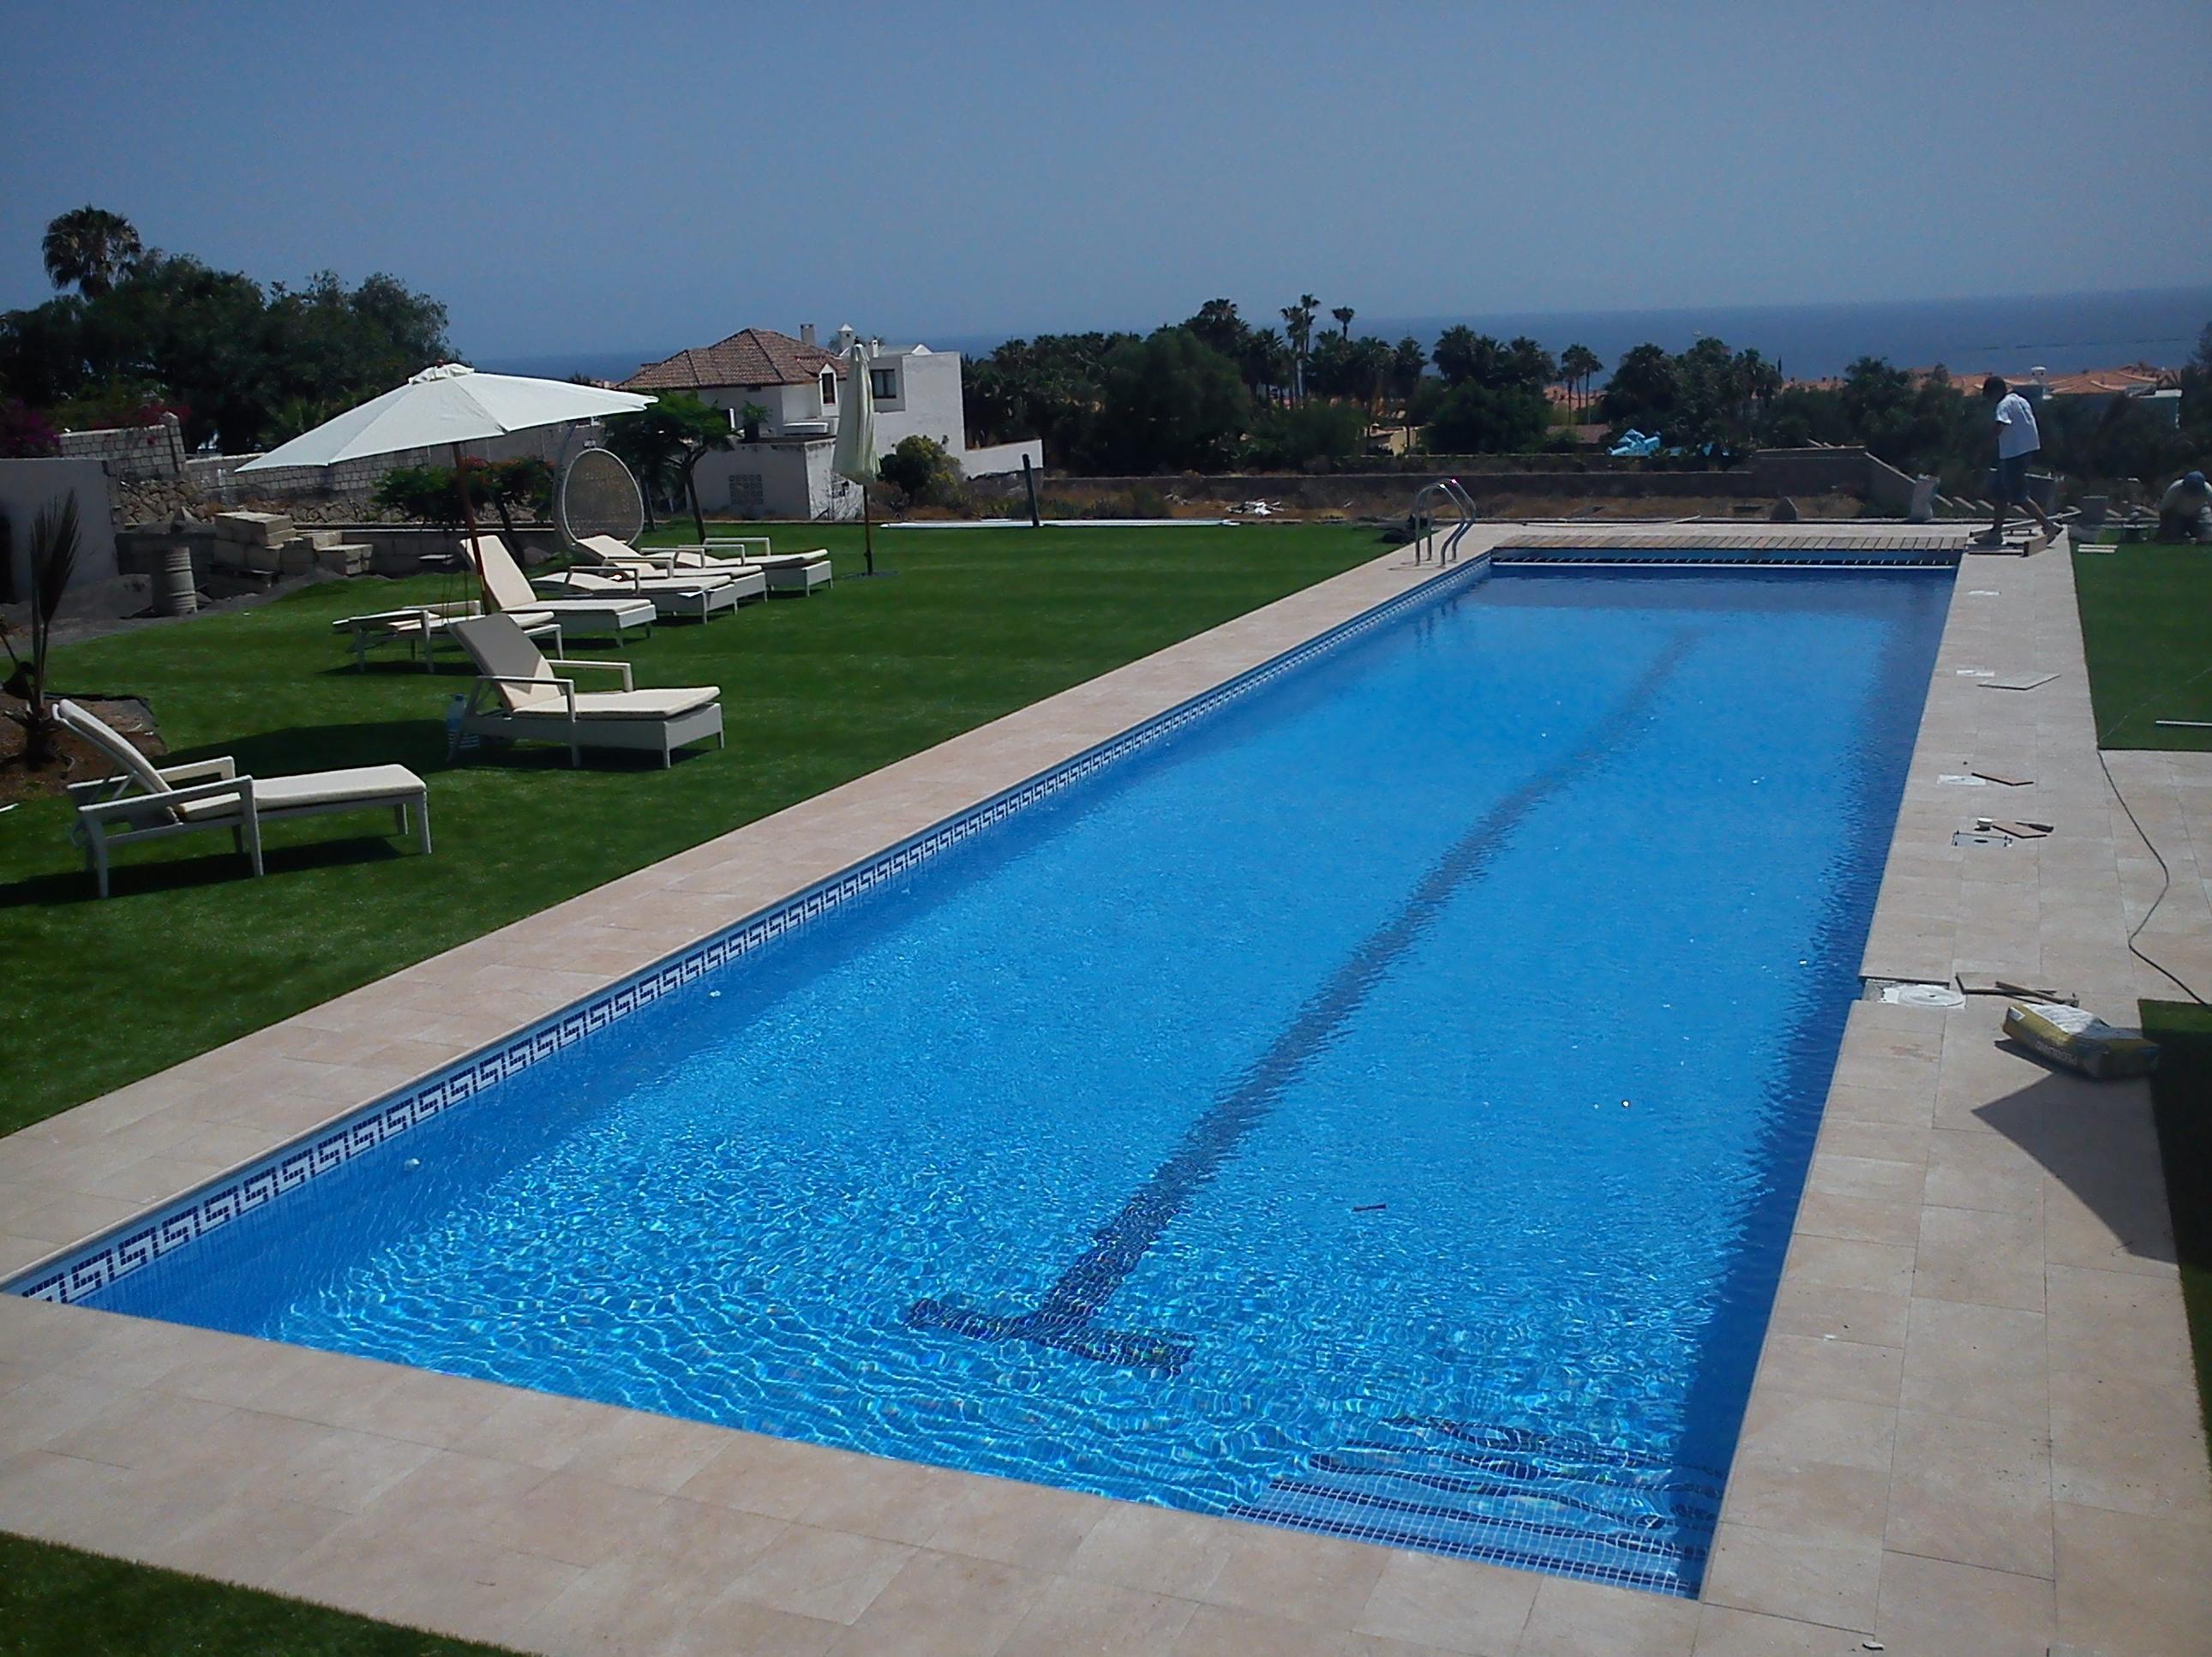 Cubiertas autom ticas para piscinas en tenerife piscinas for Cubiertas para piscinas